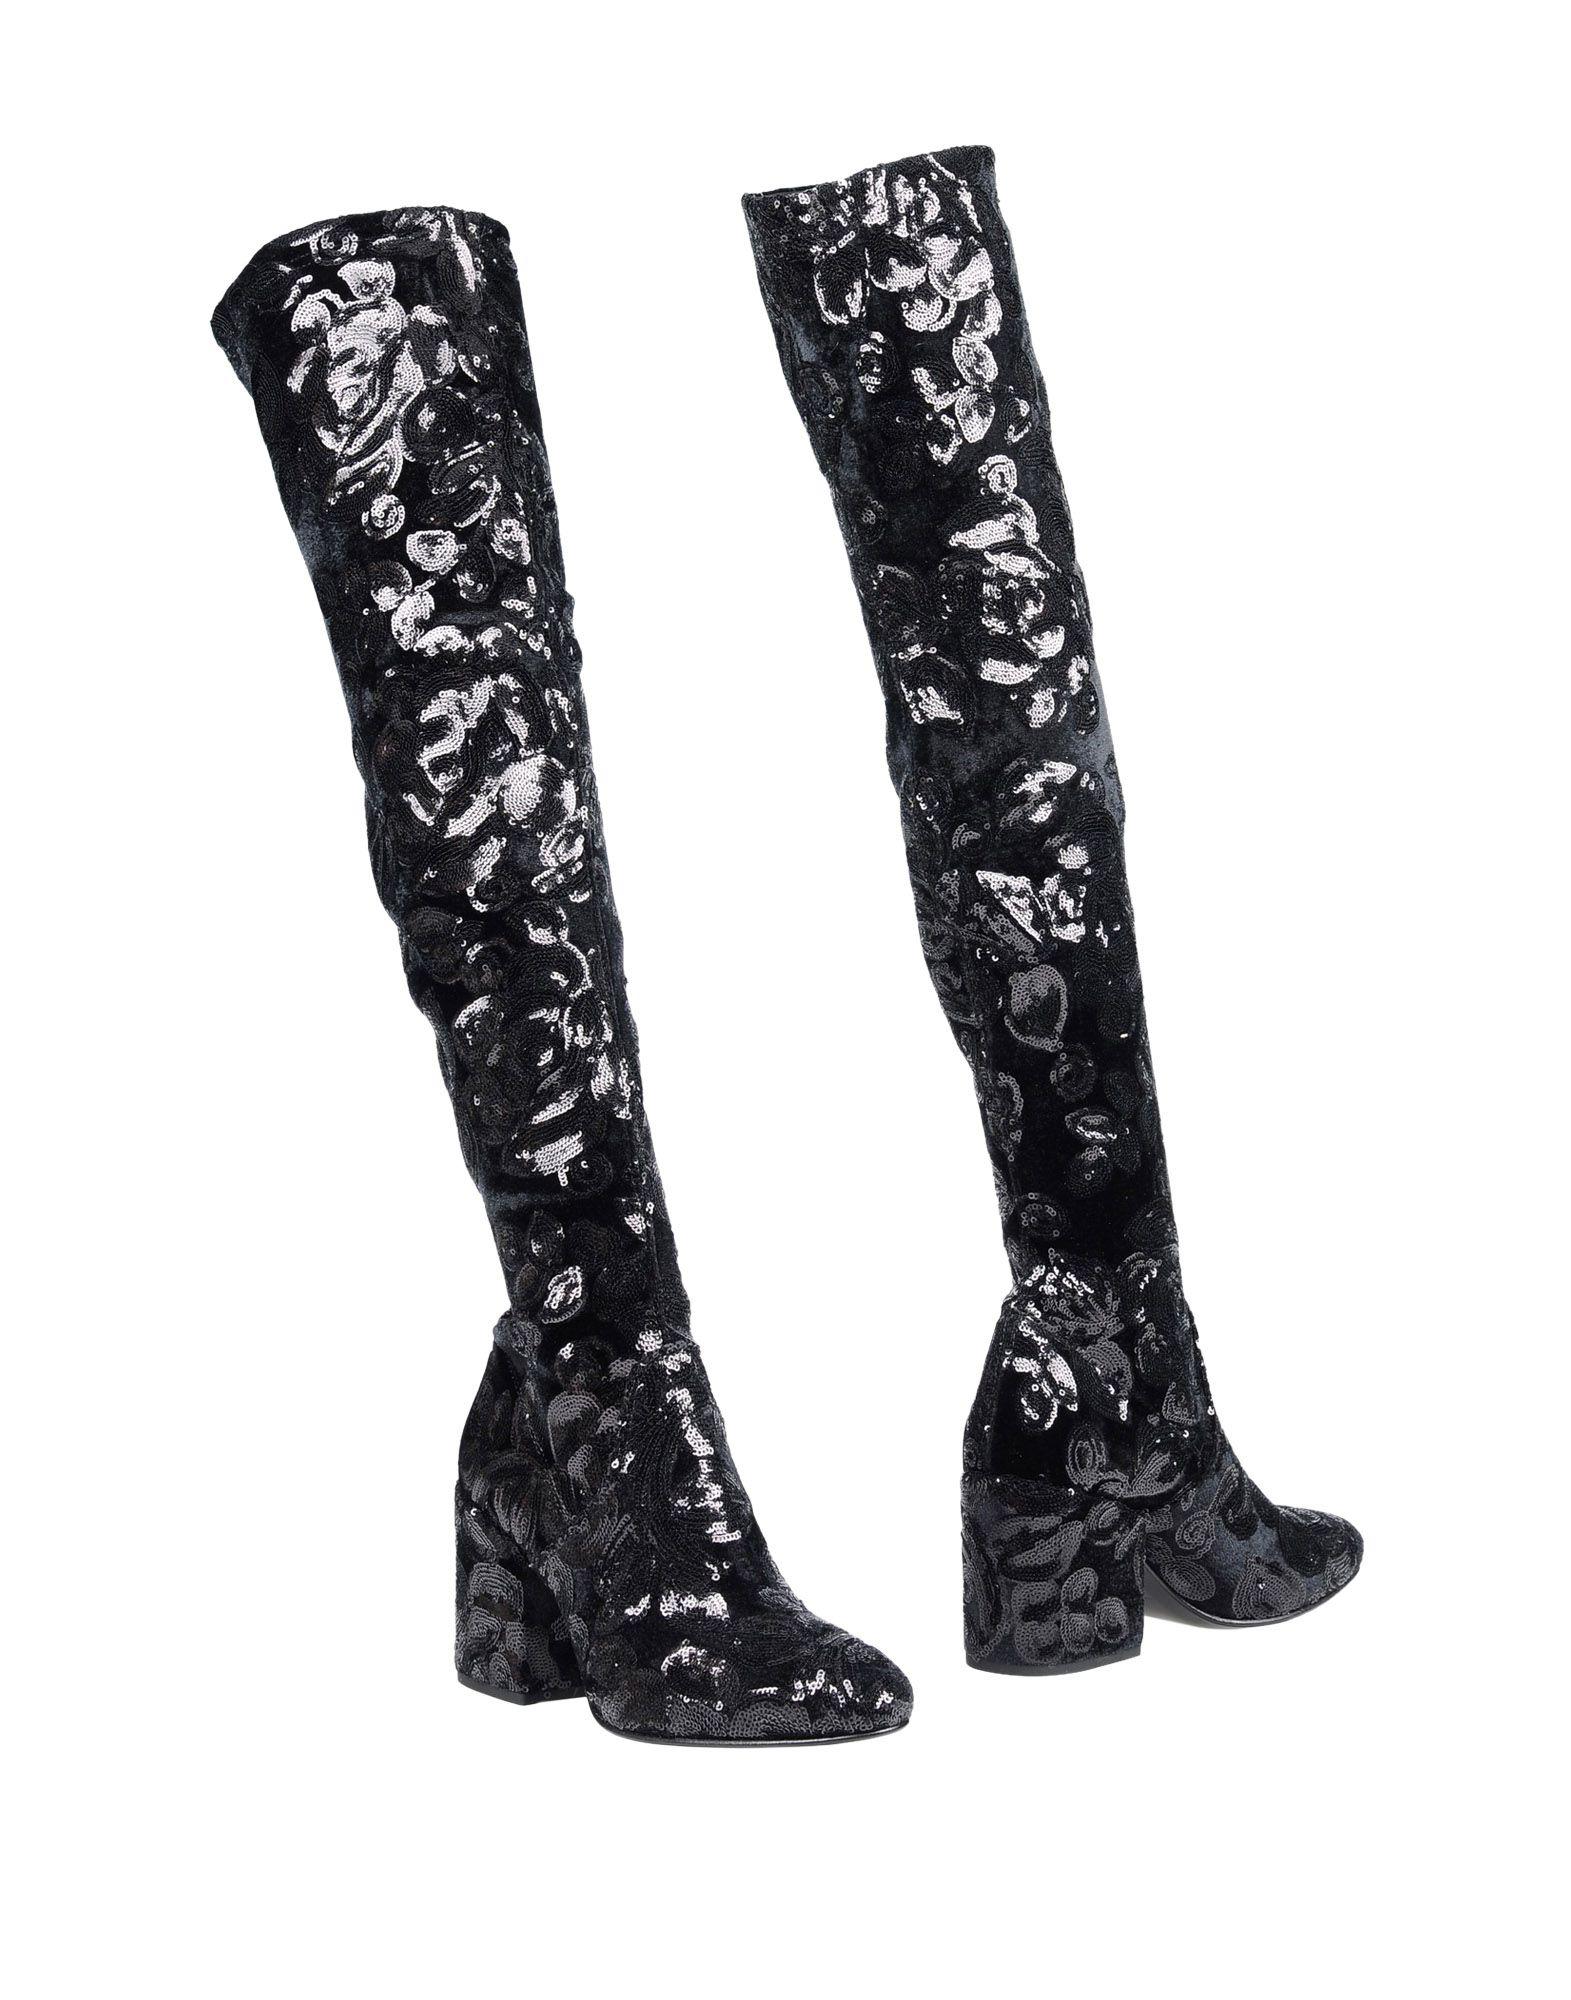 Strategia Stiefel Damen aussehende  11482539URGut aussehende Damen strapazierfähige Schuhe a0adfe